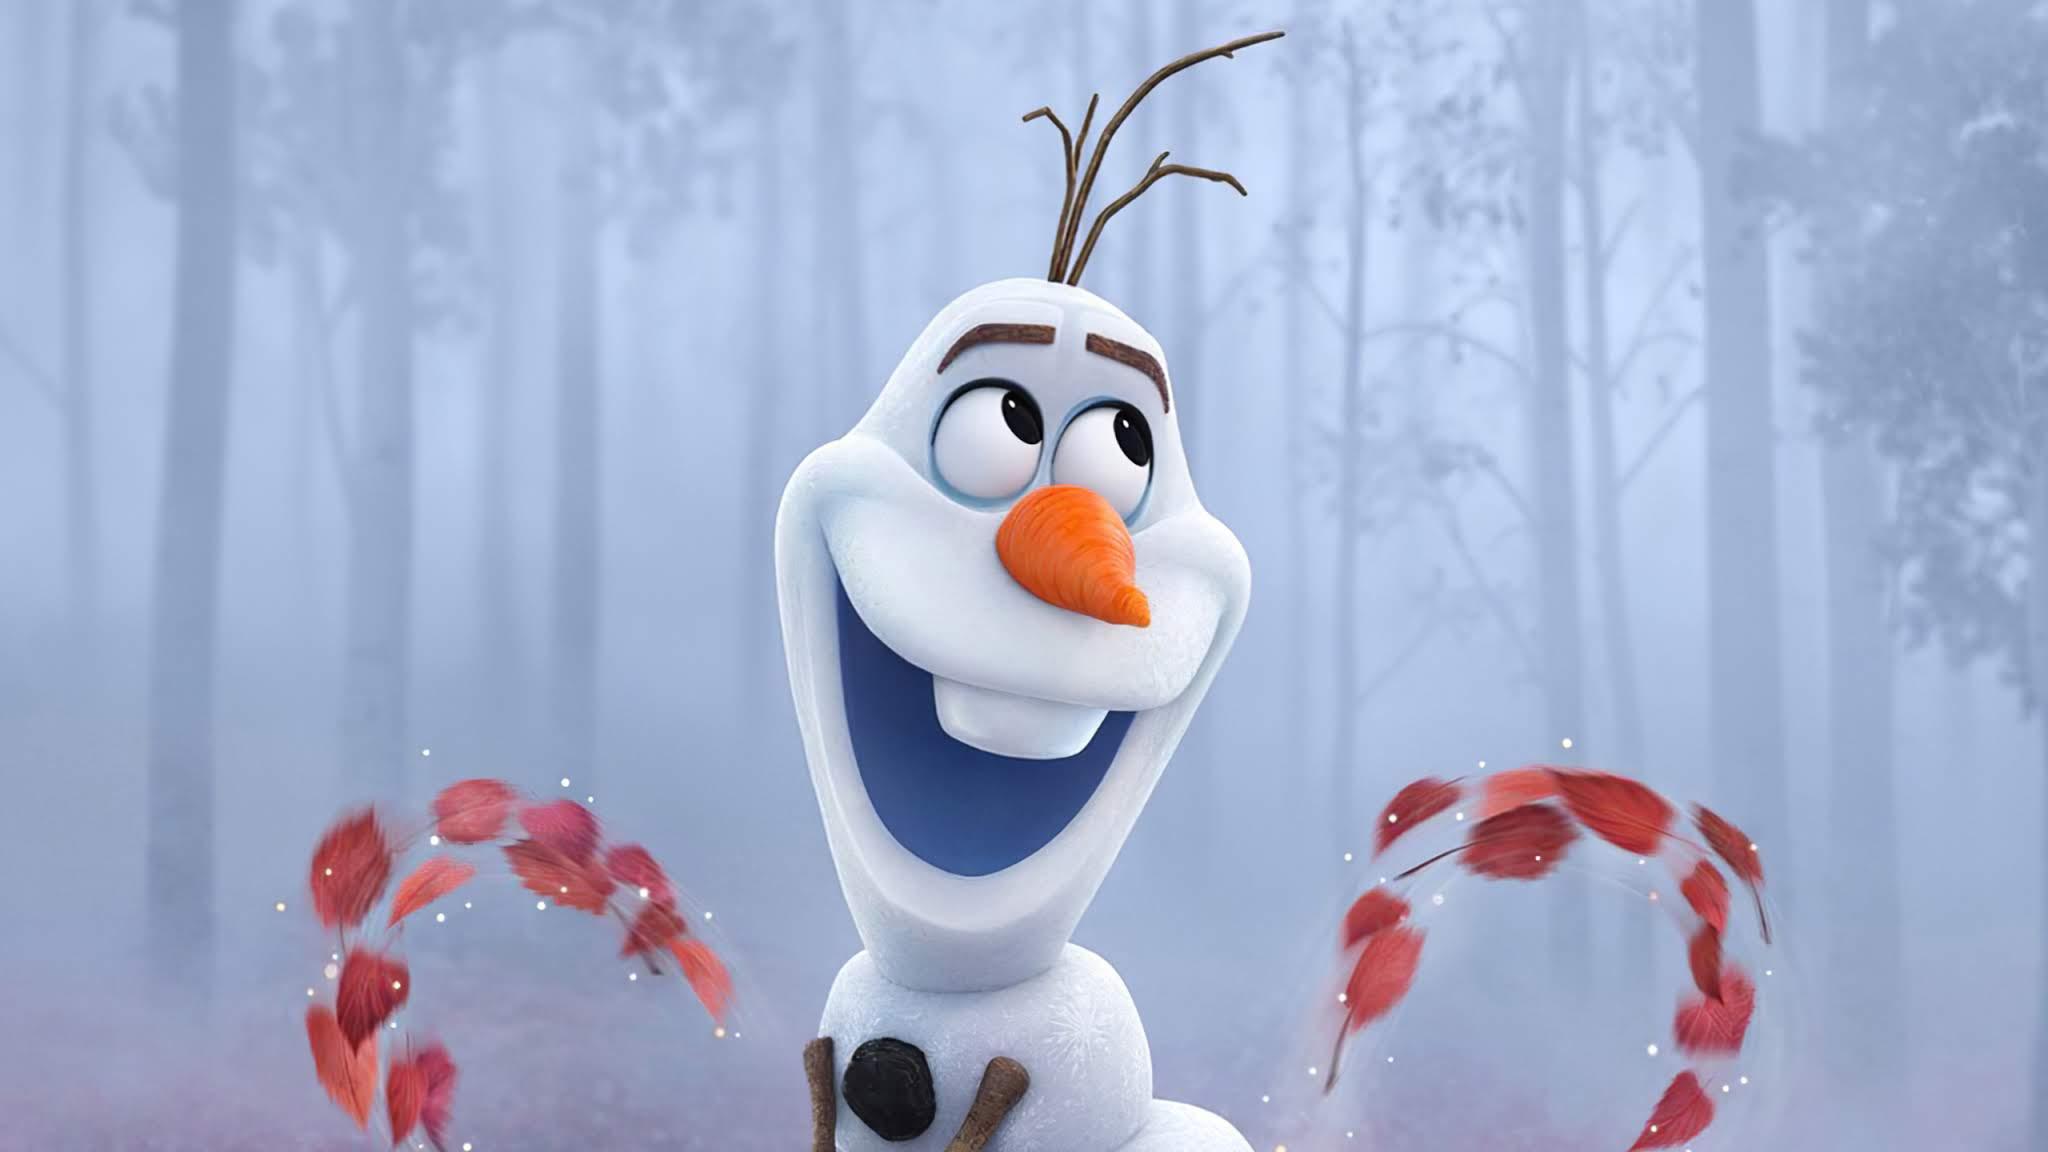 Olaf Frozen 2 Wallpaper